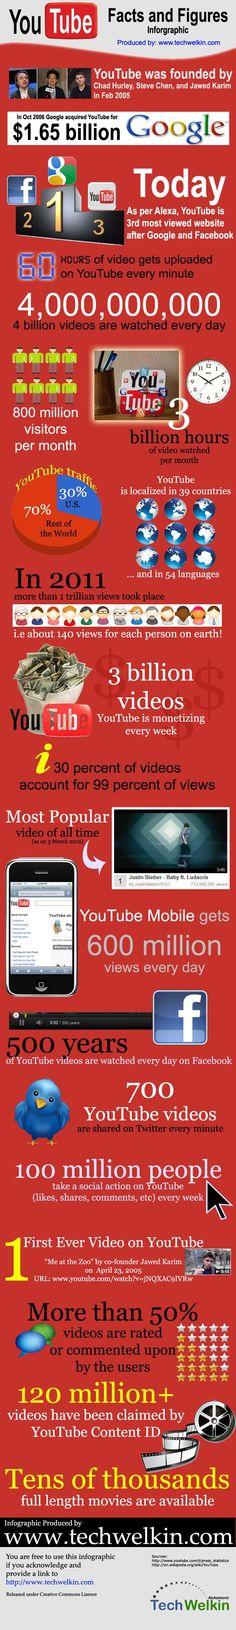 YouTube los hechos y las cifras en toda su historia